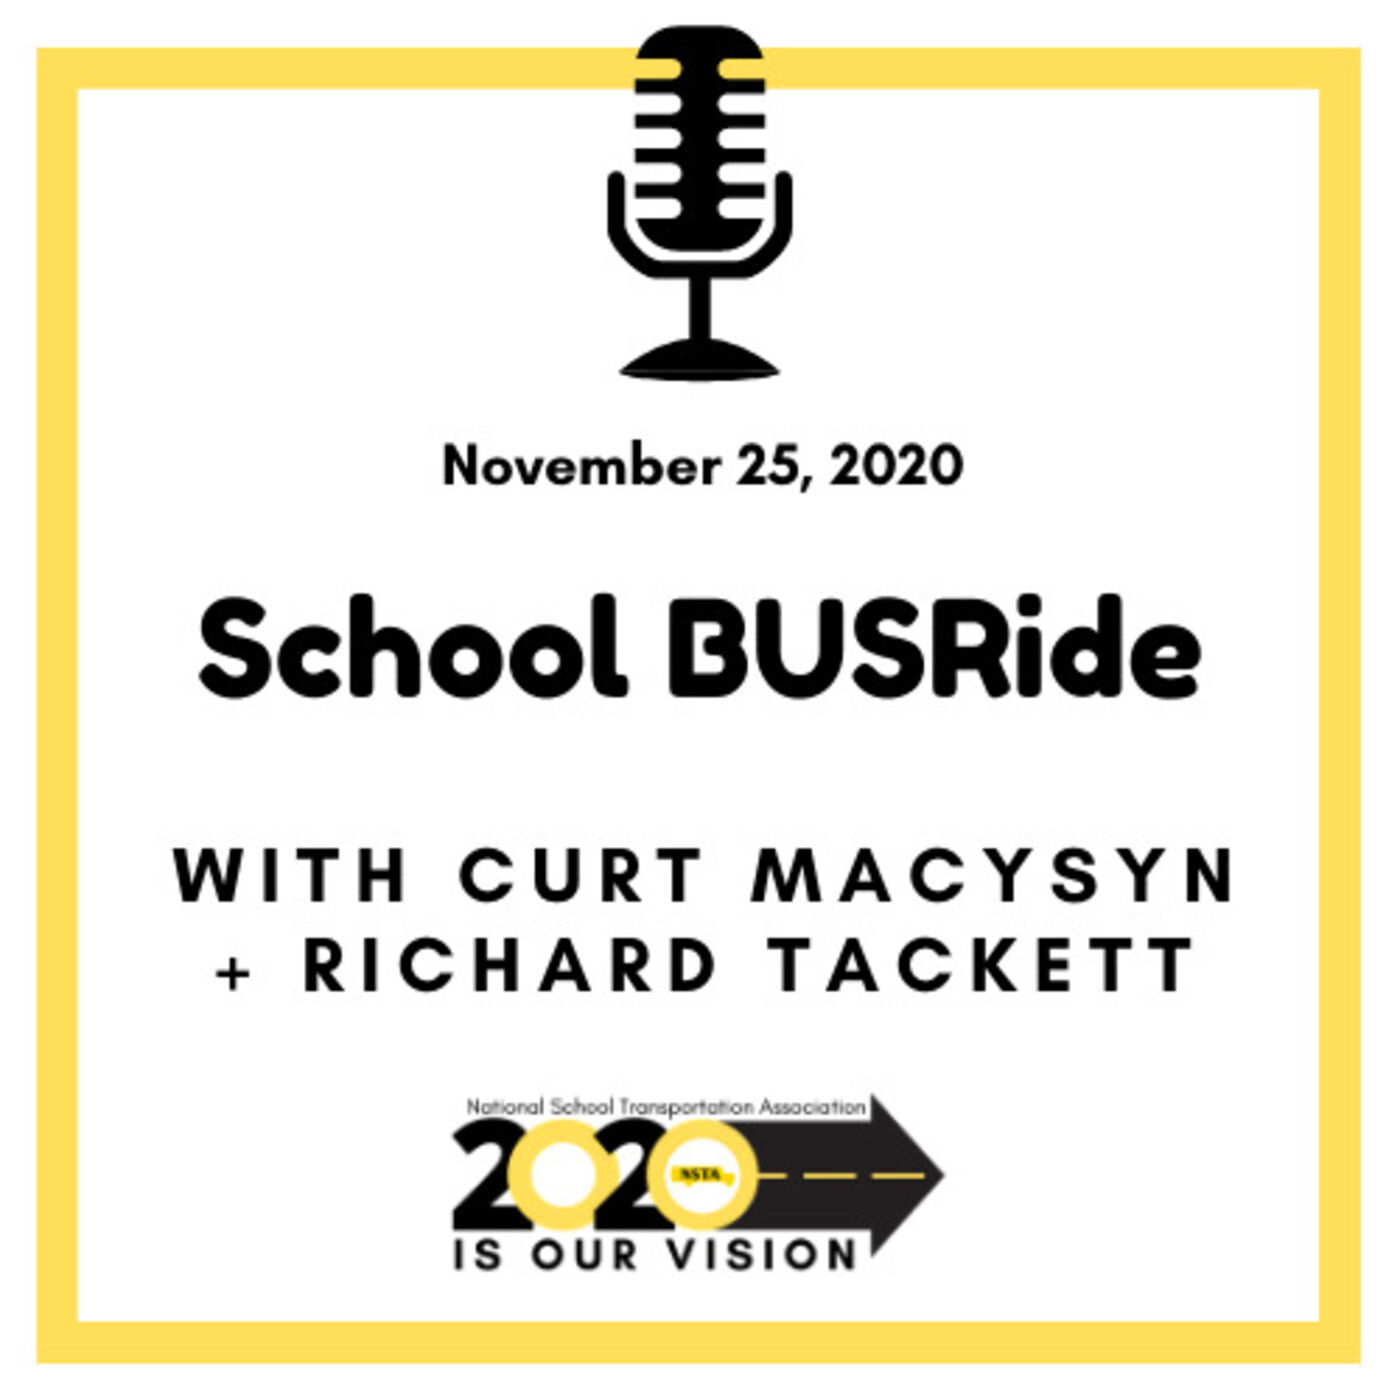 School BUSRide | Richard Tackett, CEO, Power Trade Media